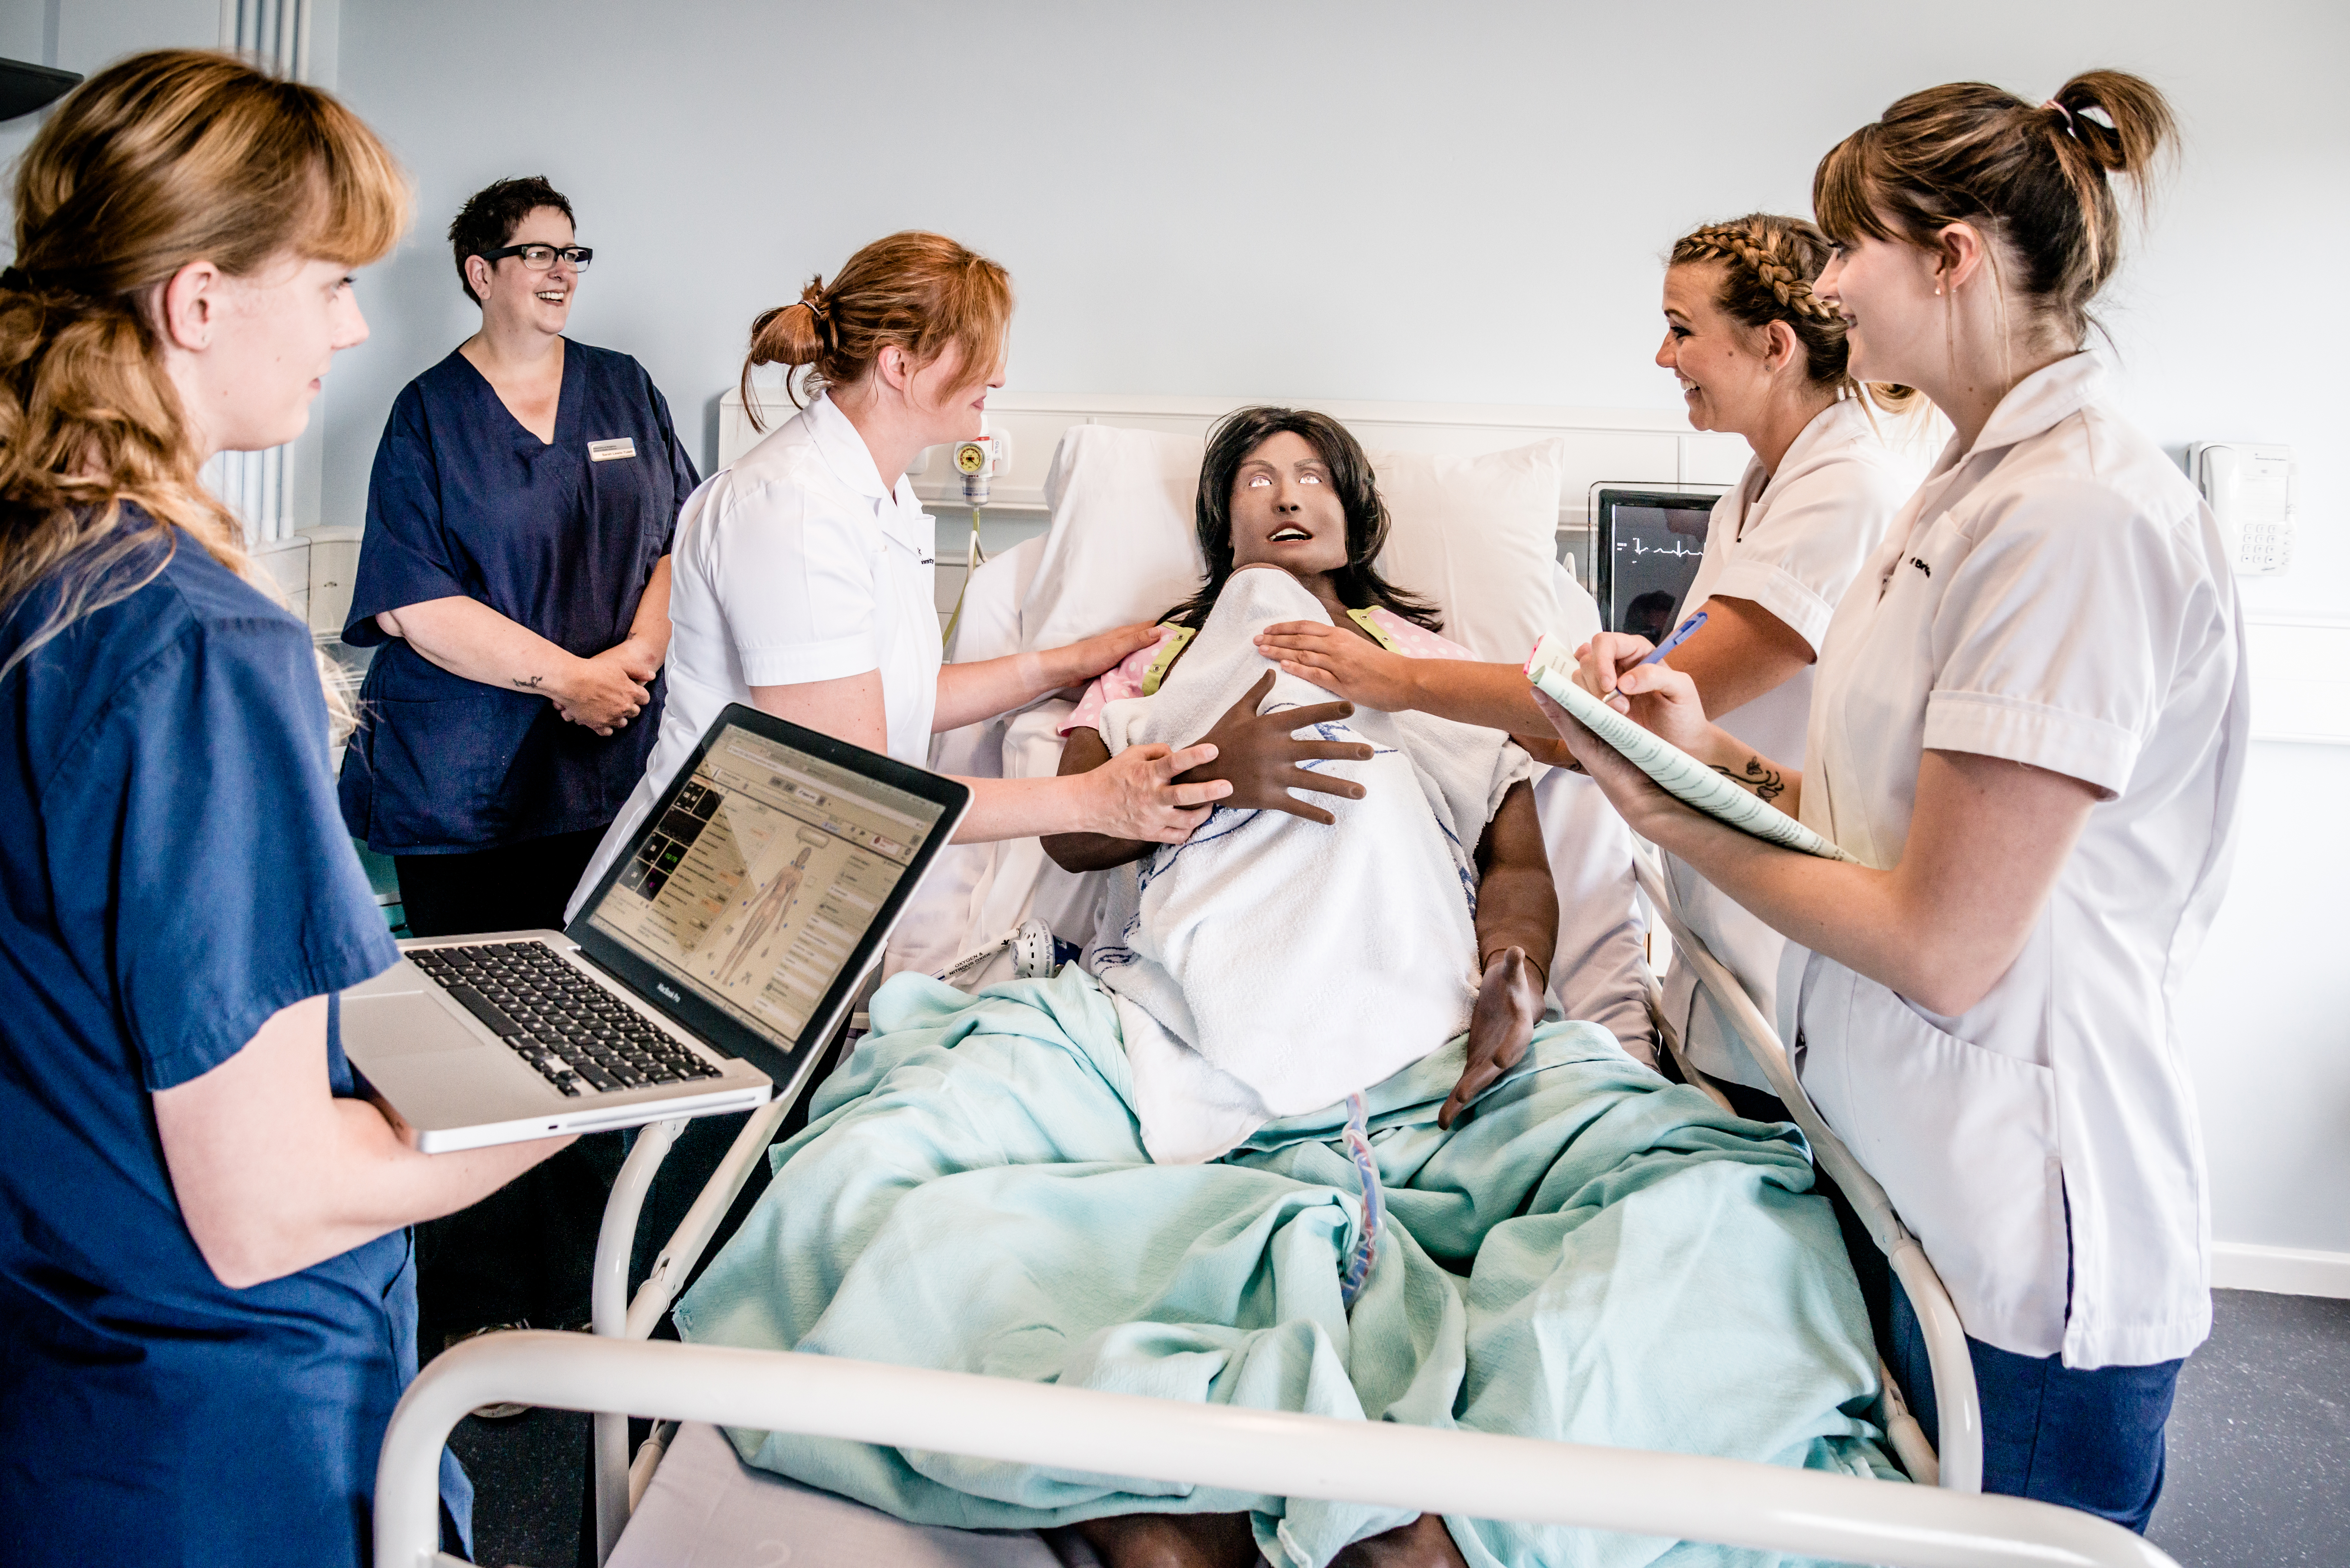 Lucina birthing simulator mannequin